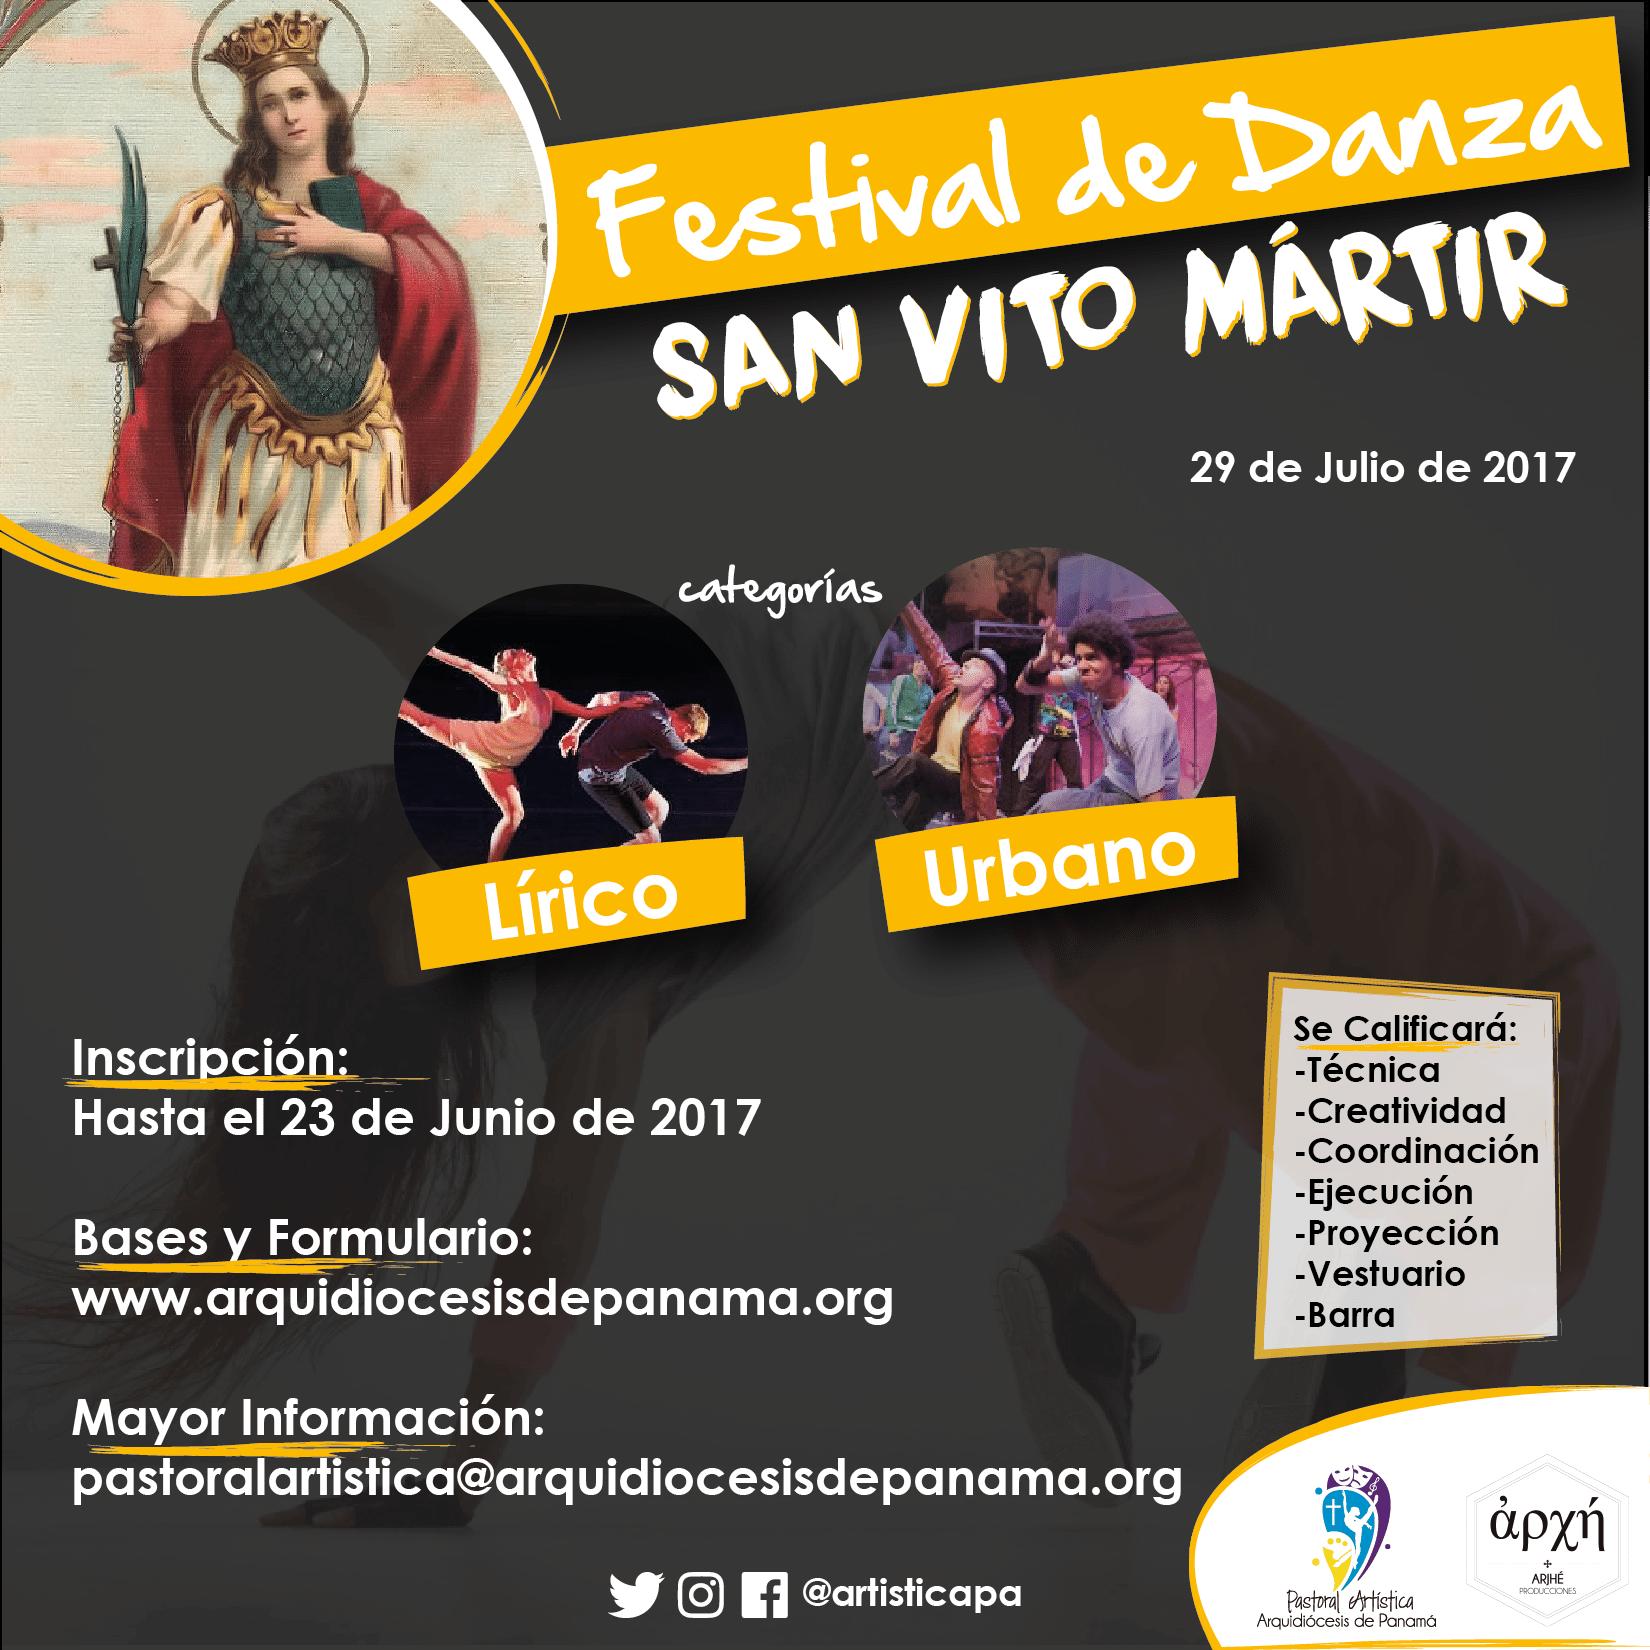 Festival De Danza - San Vito Mártir